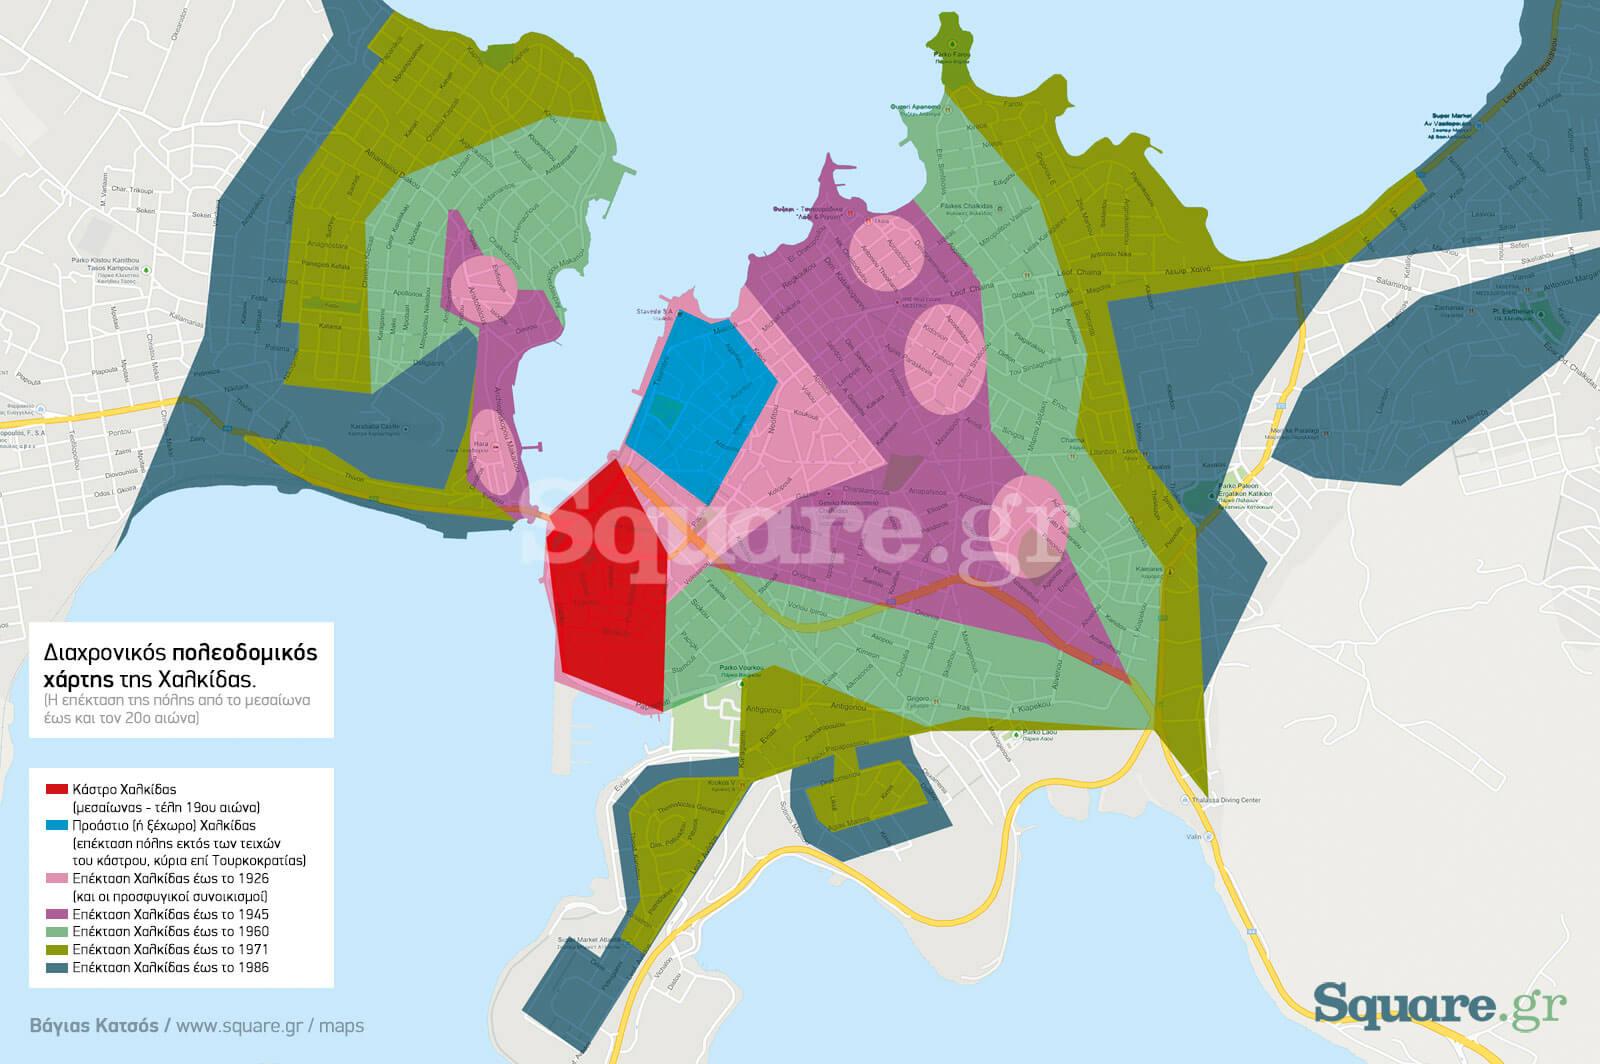 3-Διαχρονικός-πολεοδομικός-χάρτης-της-Χαλκίδας-η-επέκταση-της-πόλης-από-την-Ενετοκρατία-έως-και-τον-20ο-αιώνα